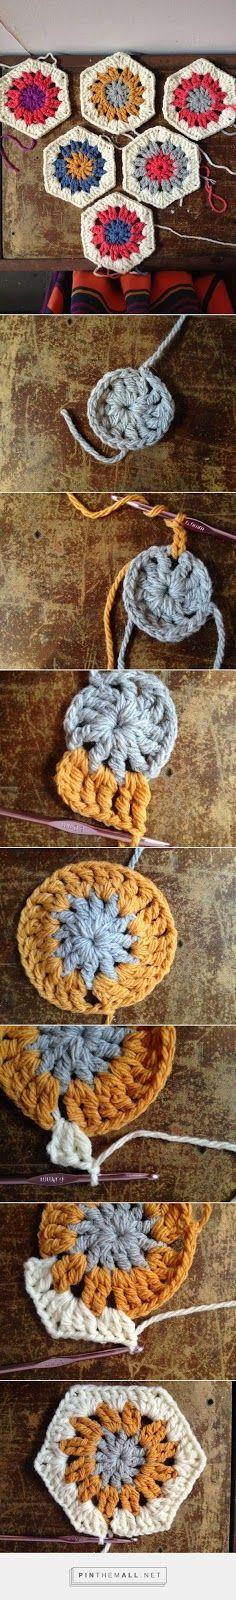 How To Crochet A Hexagon In Ten Minutes!